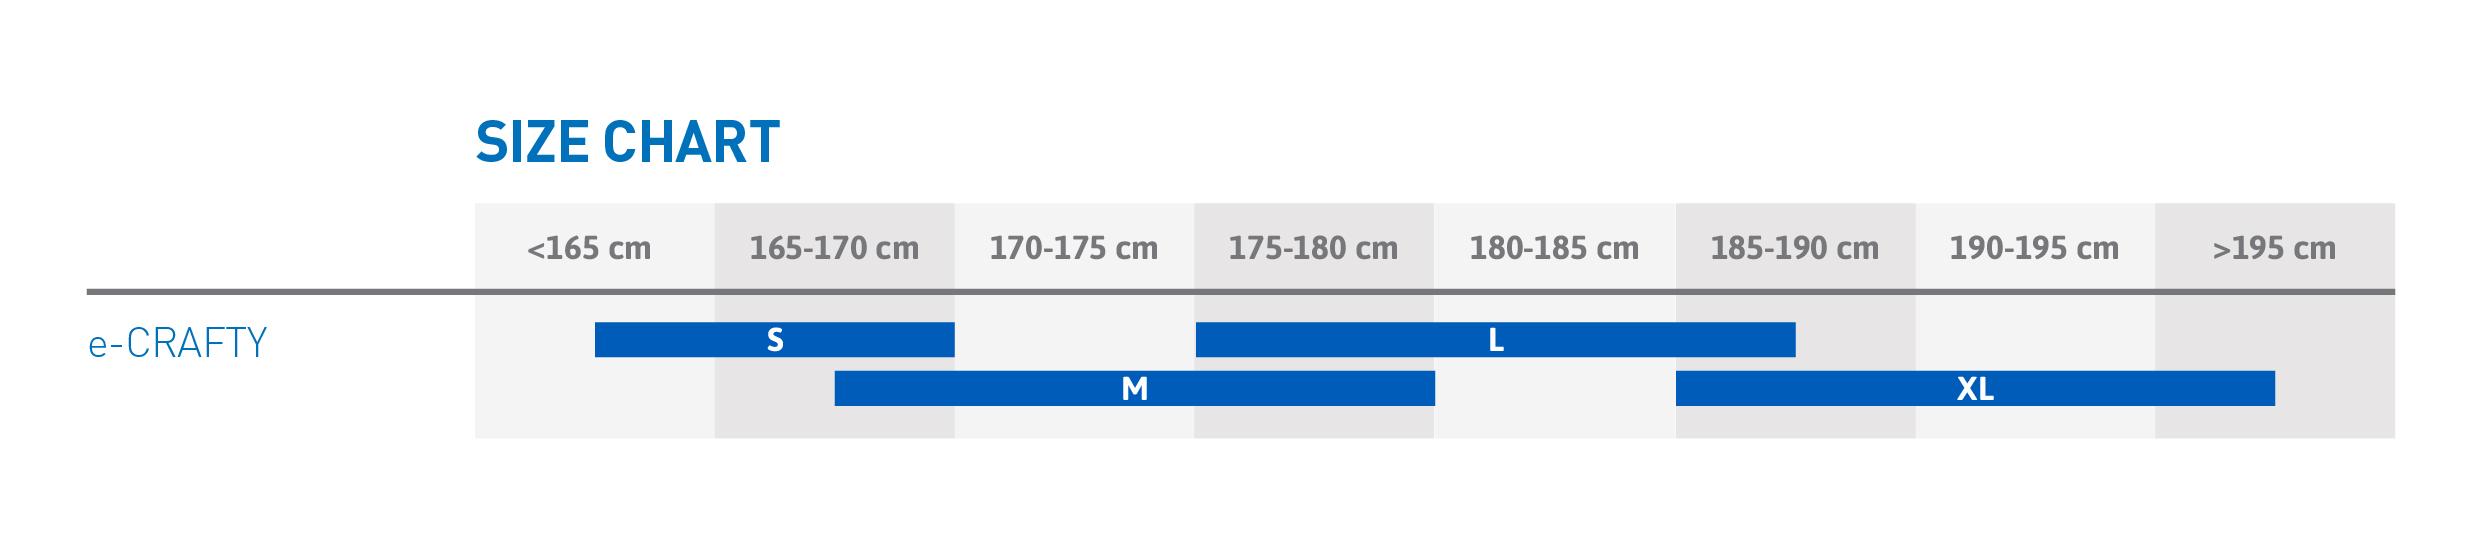 Veľkostná tabuľka - Mondraker CRAFTY R+